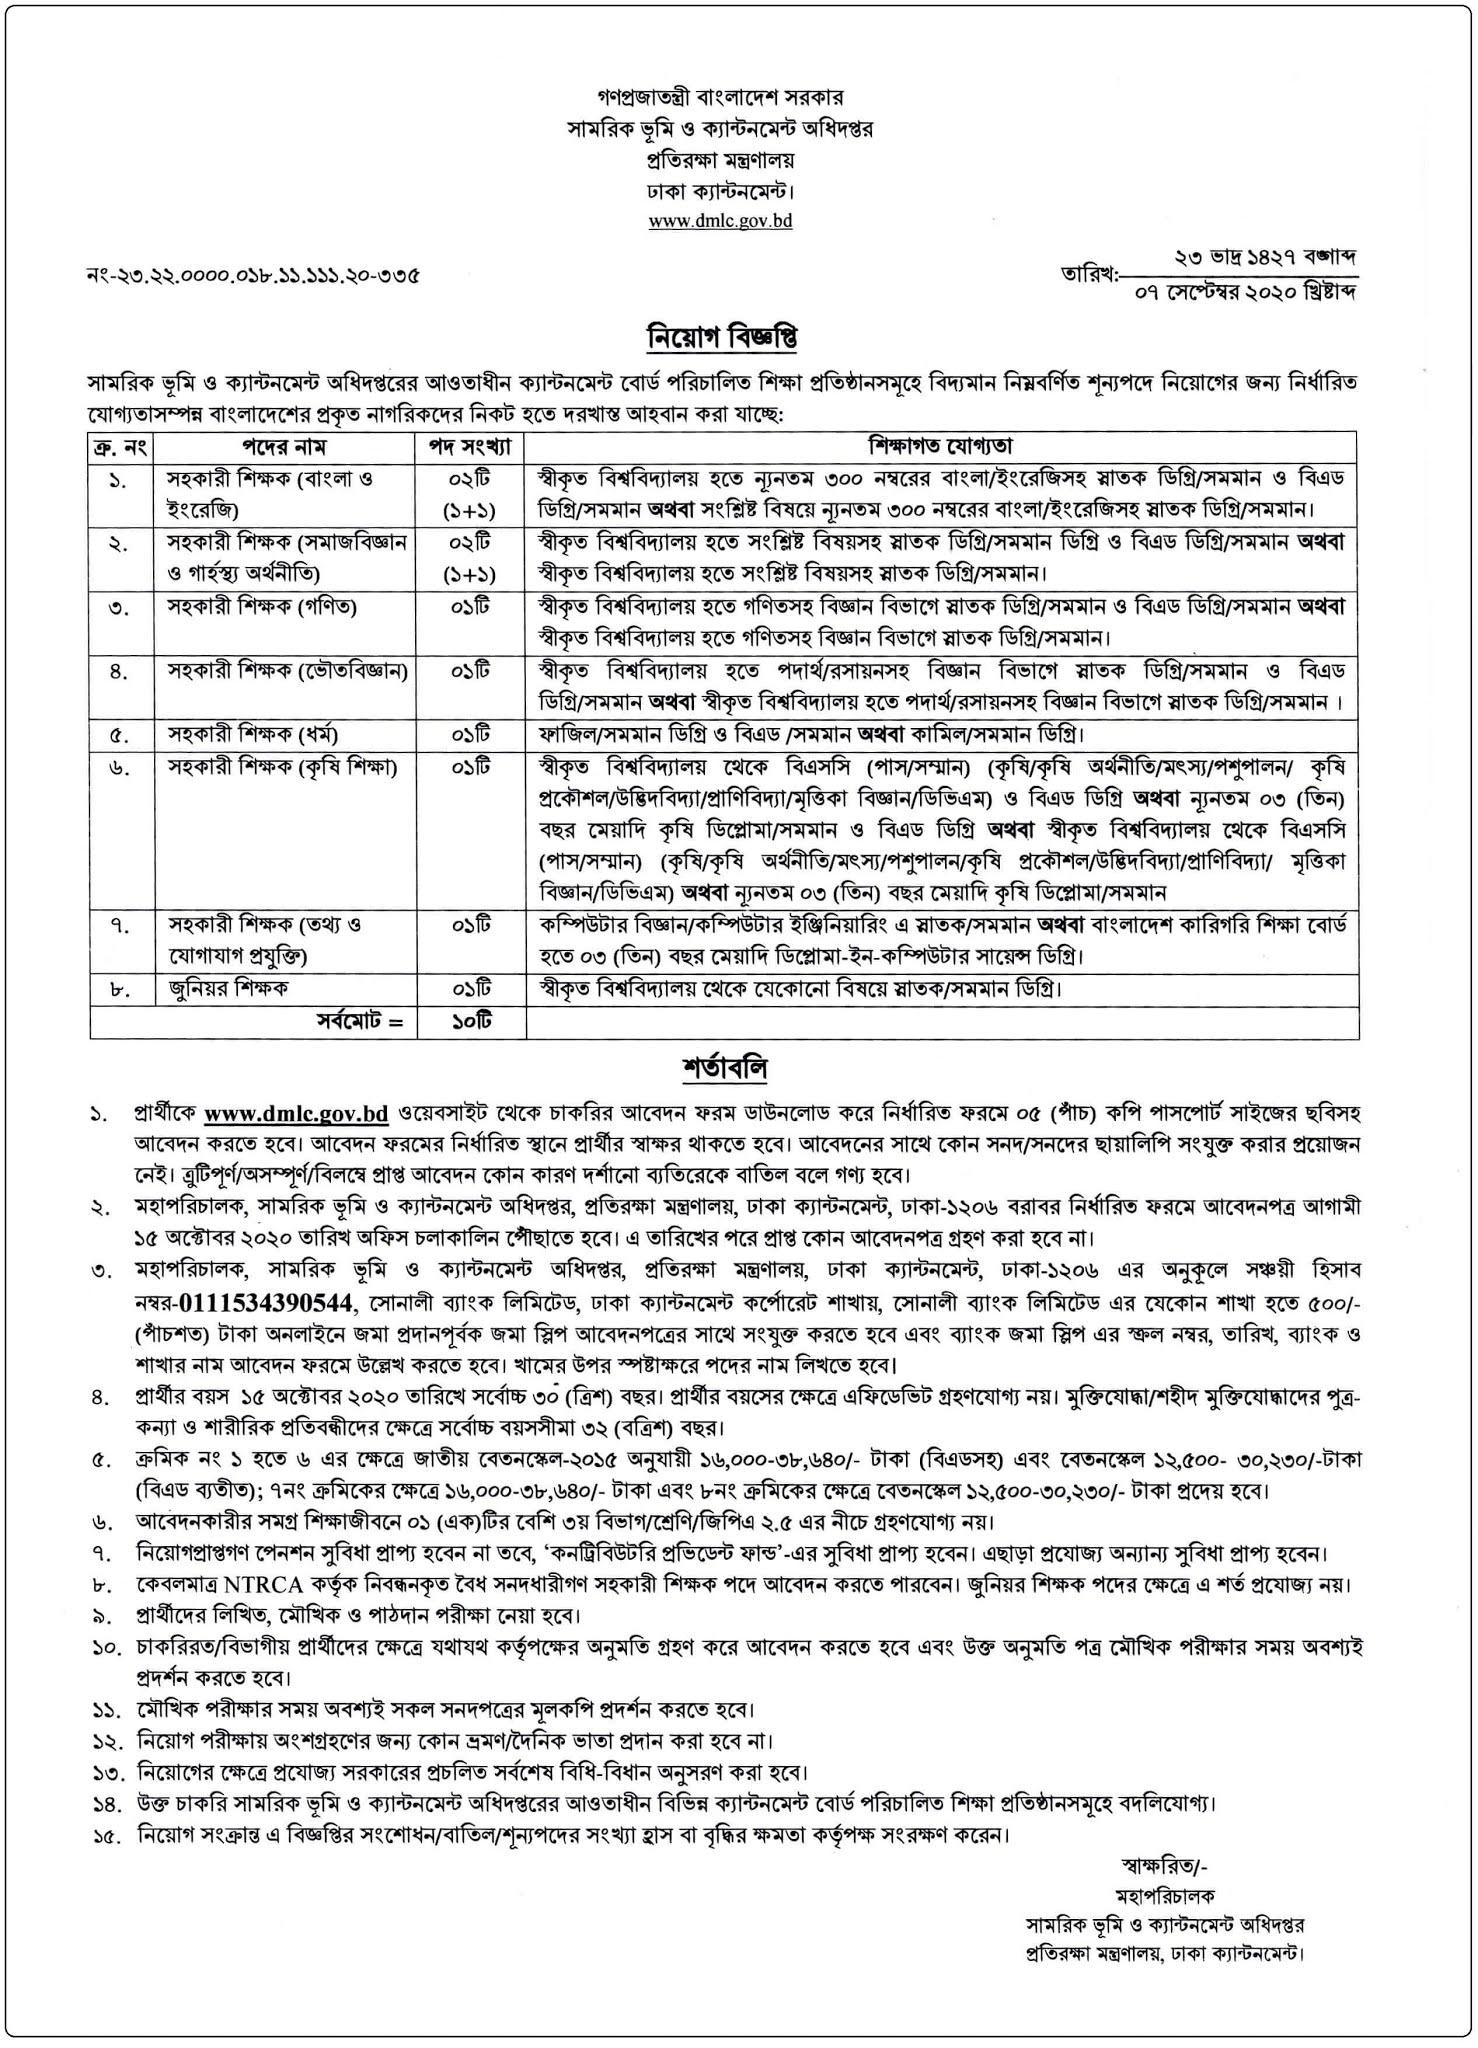 সামরিক ভূমি ও ক্যান্টনমেন্ট শিক্ষা বোর্ড অধিদপ্তরে নিয়োগ বিজ্ঞপ্তি | DMLC Job Circular 2020